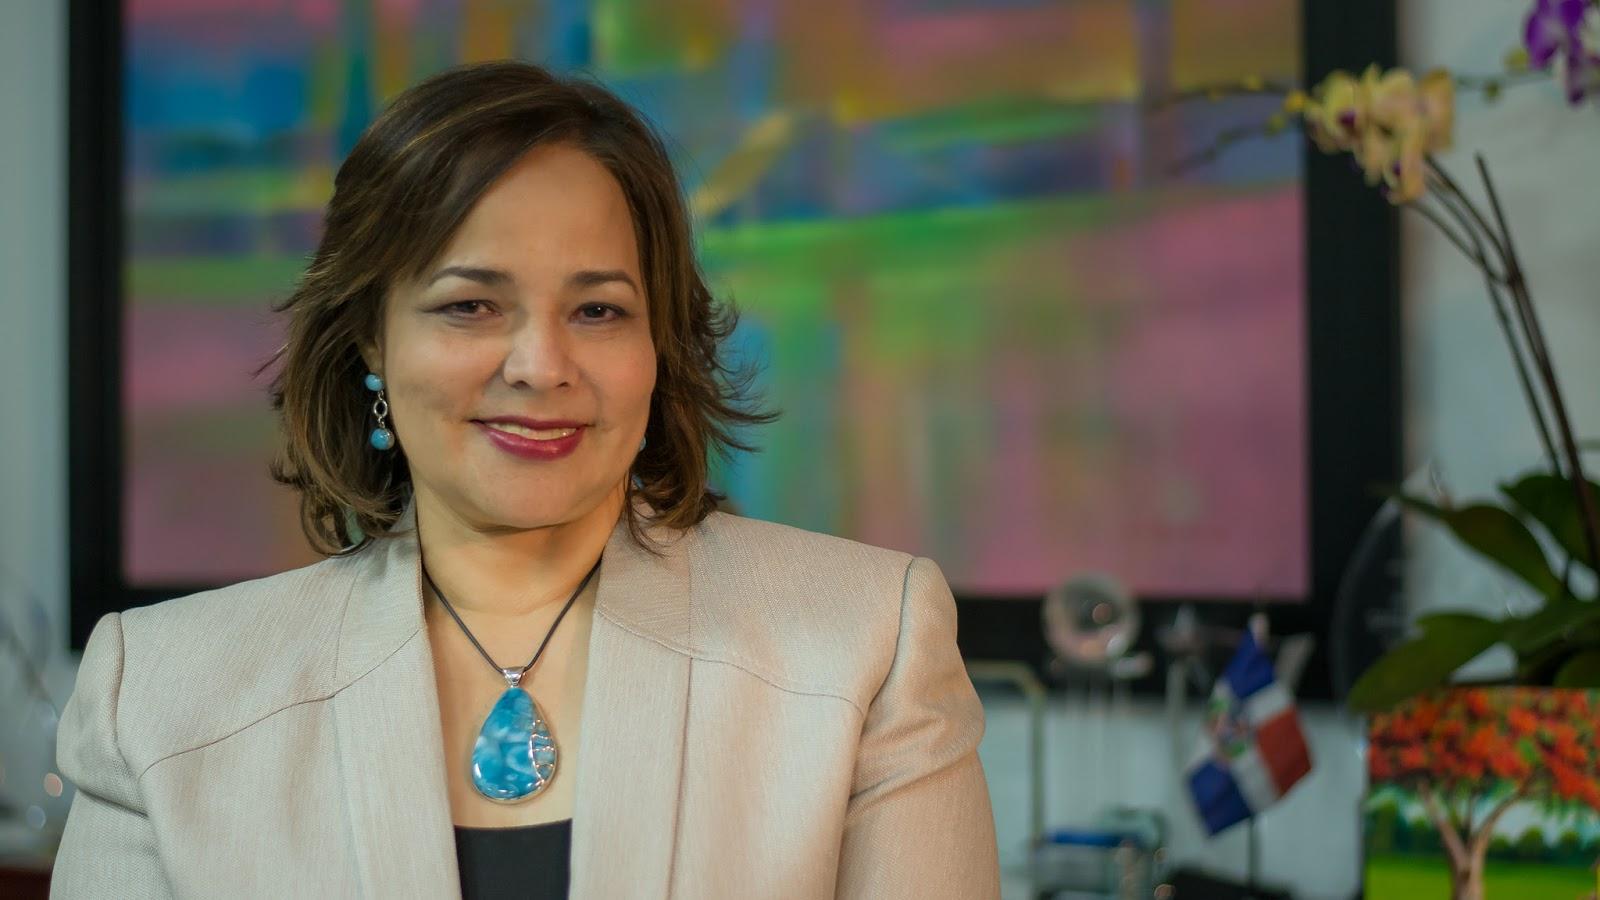 En 2017, más de 6 mil millones de pesos se otorgaron a mujeres dominicanas en contratos